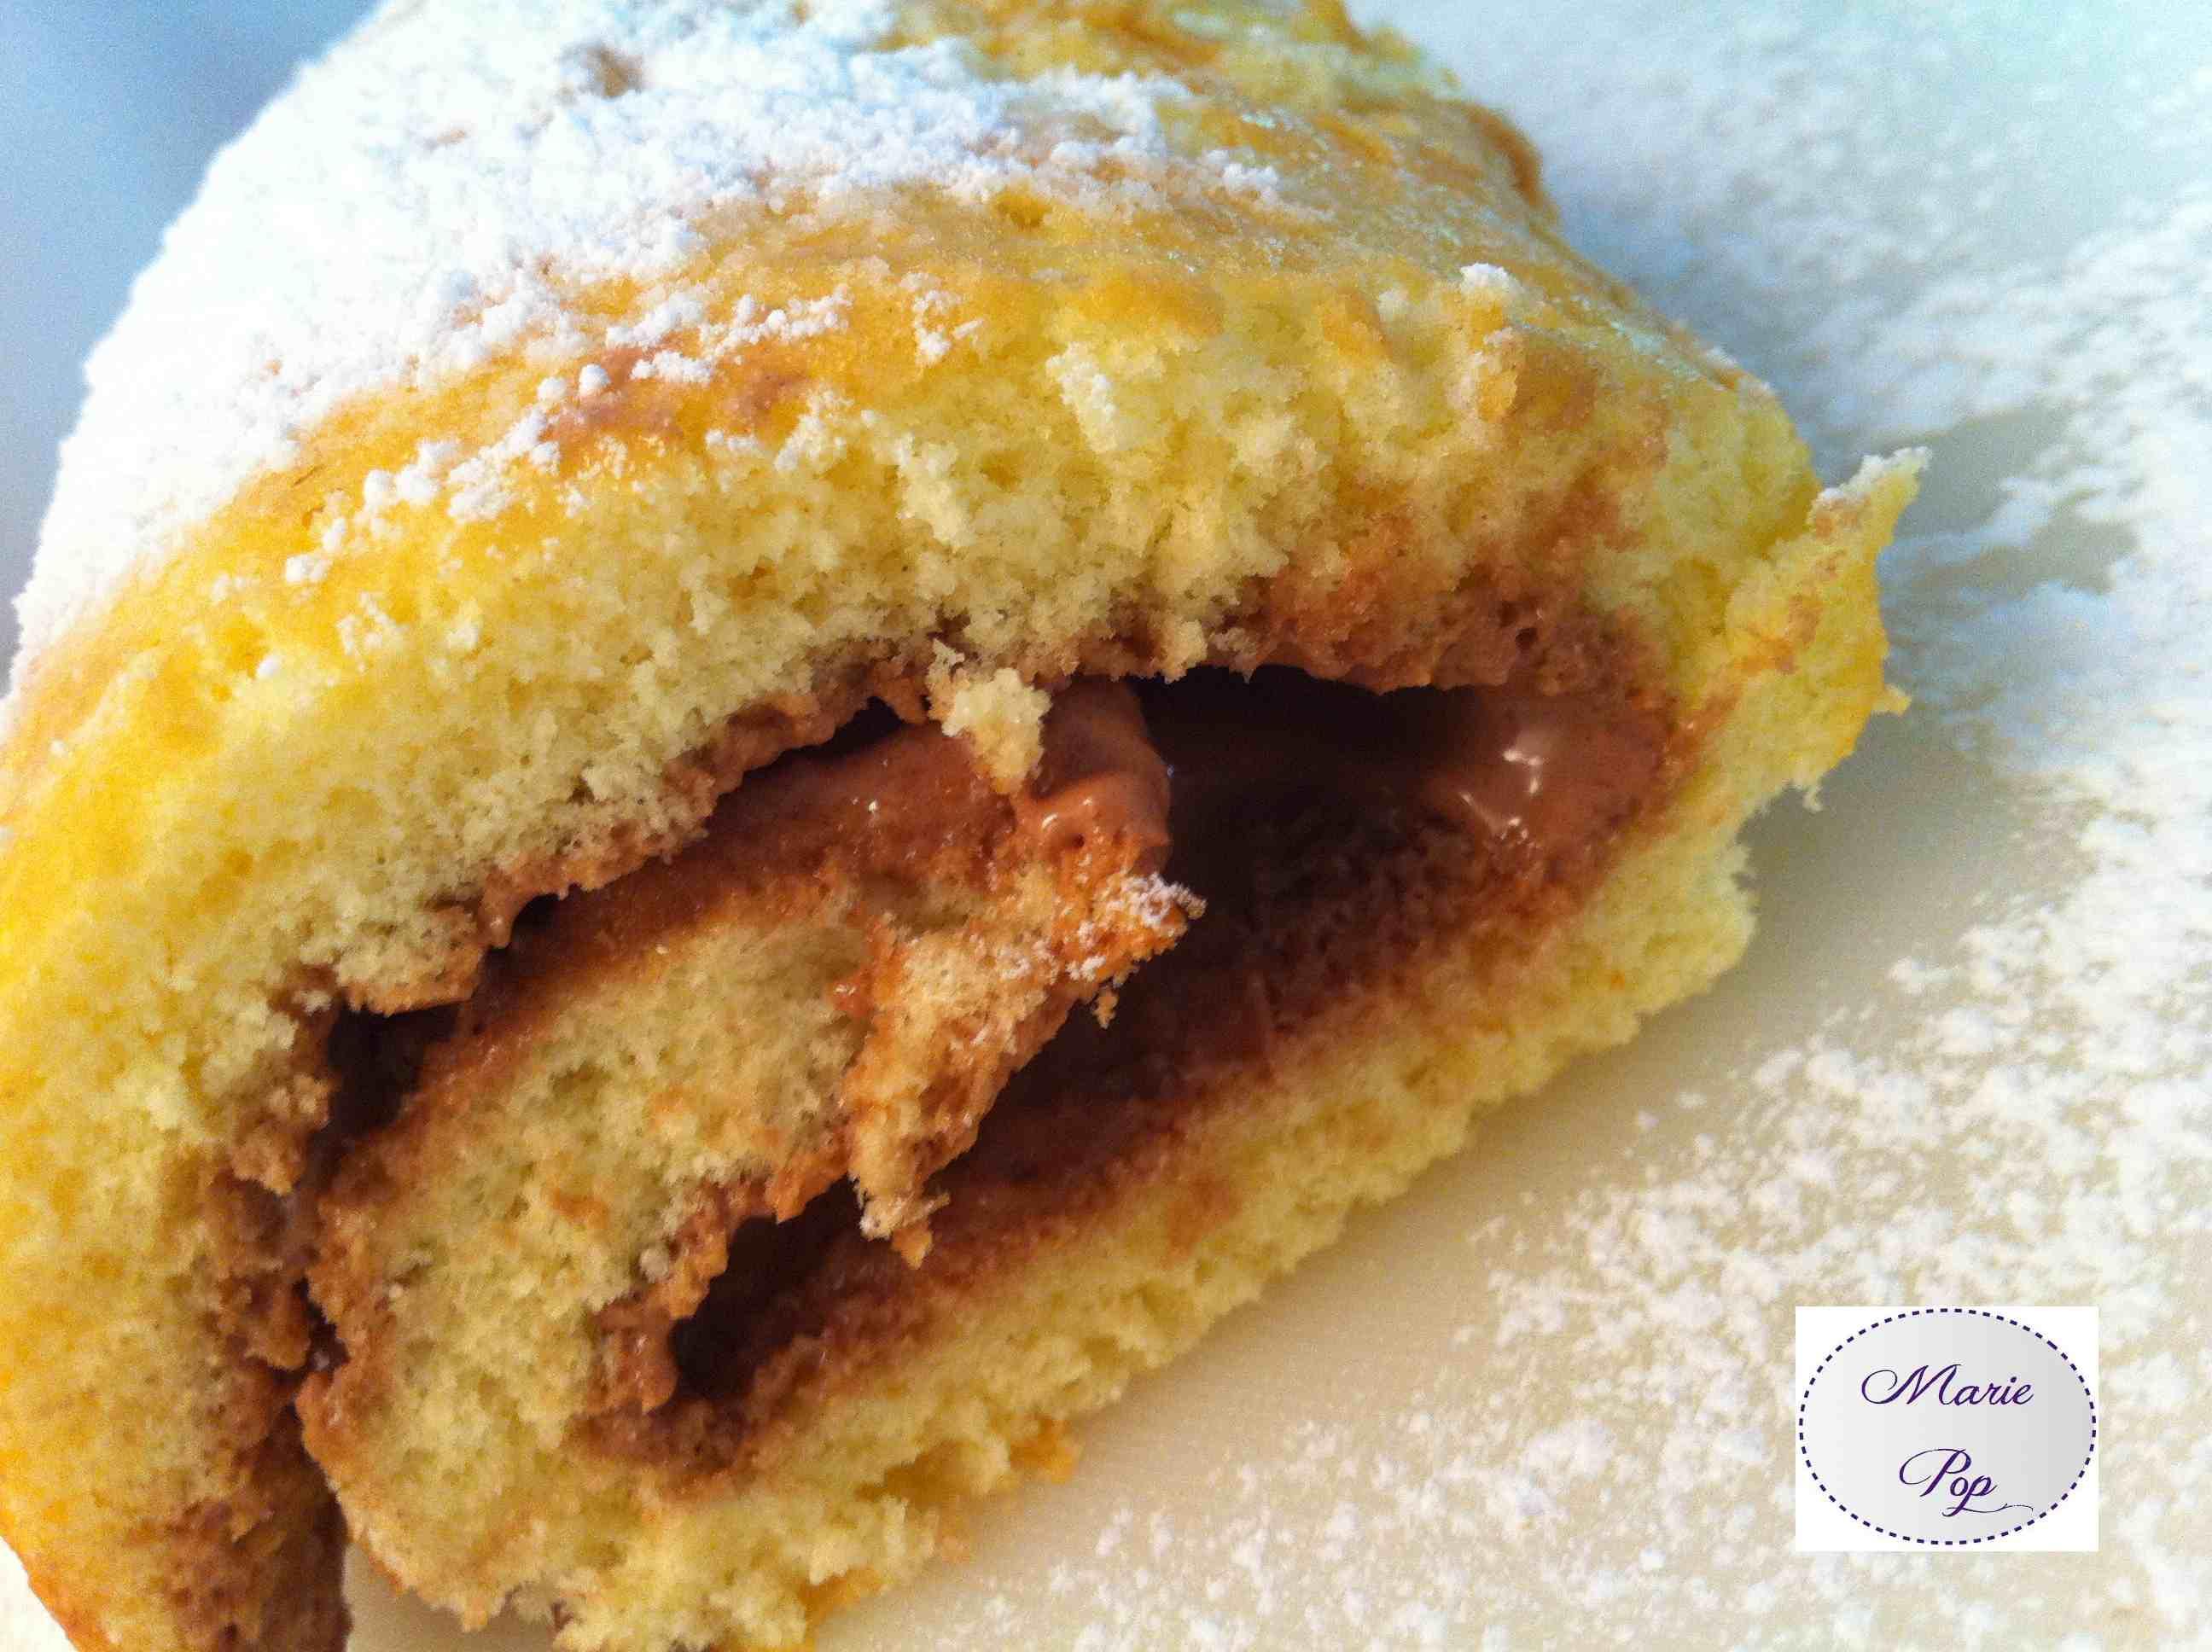 Gâteau roulé au nutella - la recette